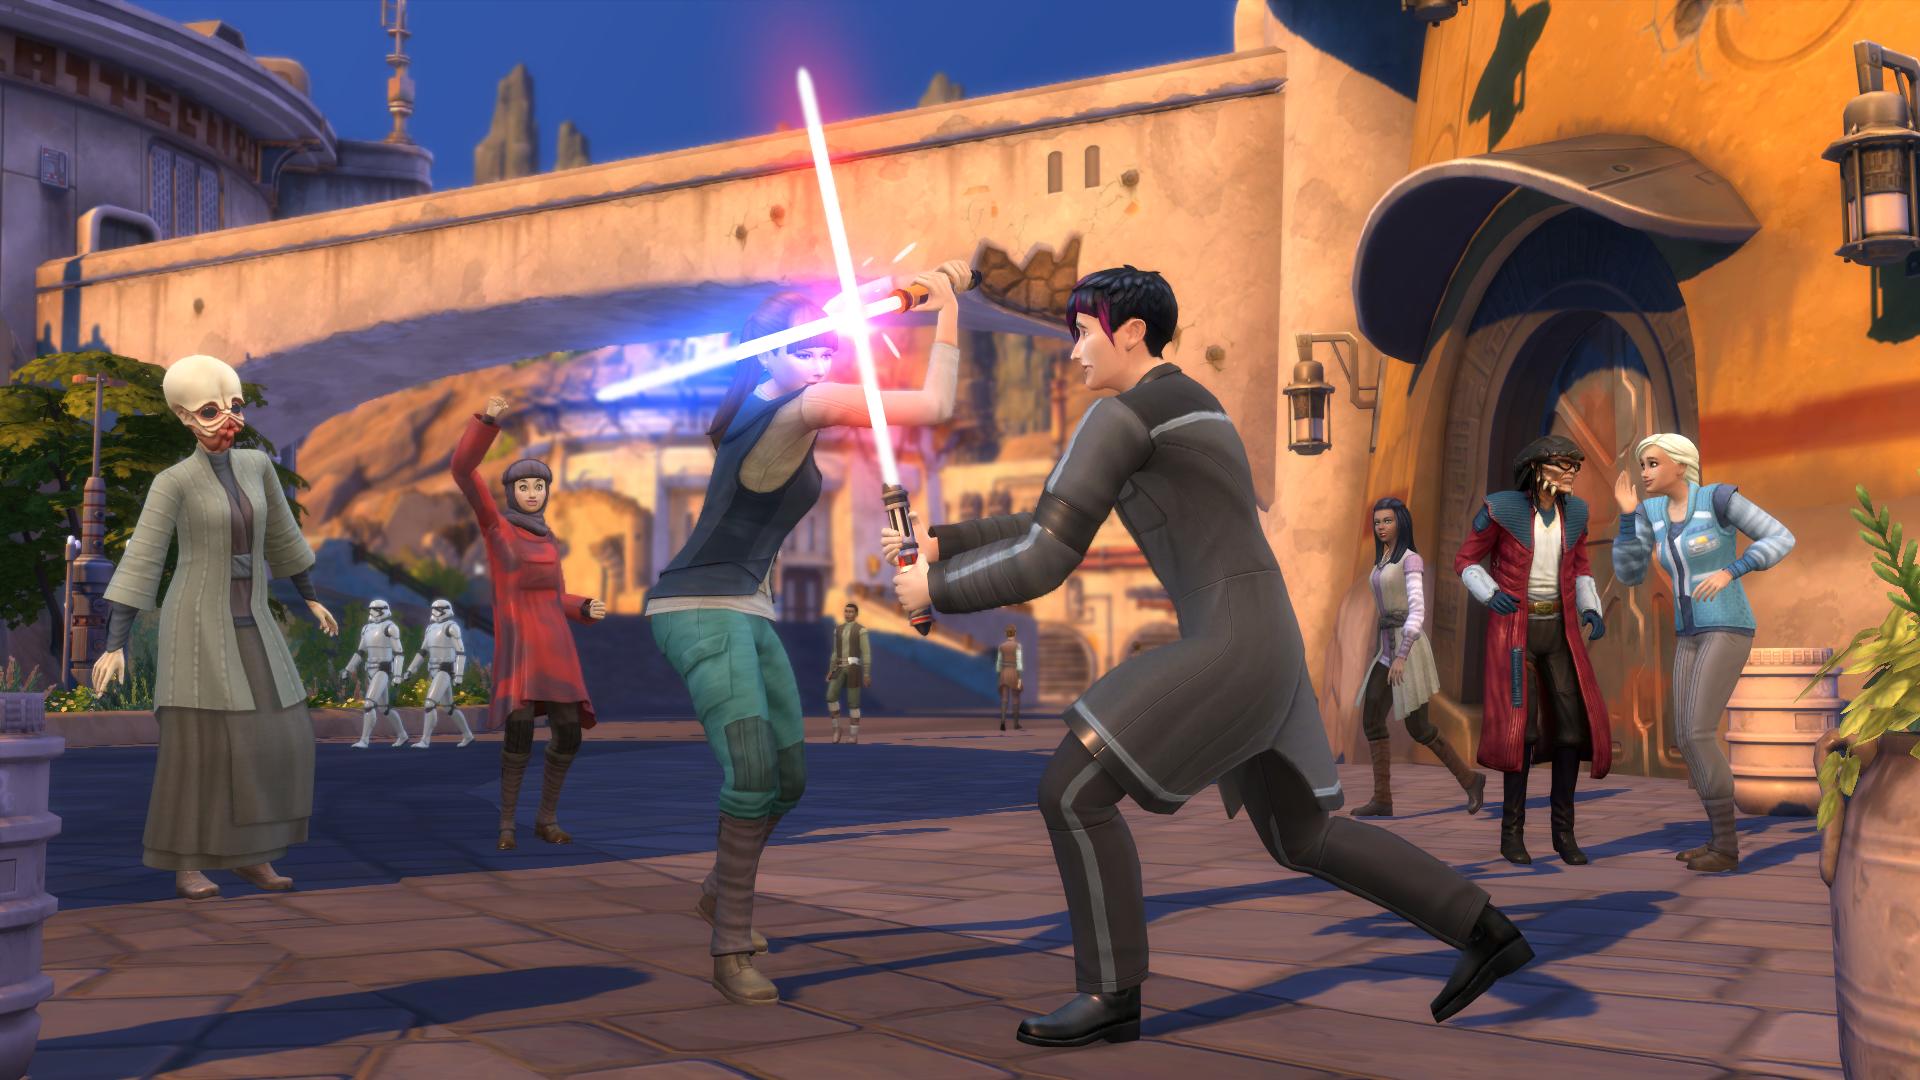 Die Sims 4 Reise nach Batuu Lichtschwert